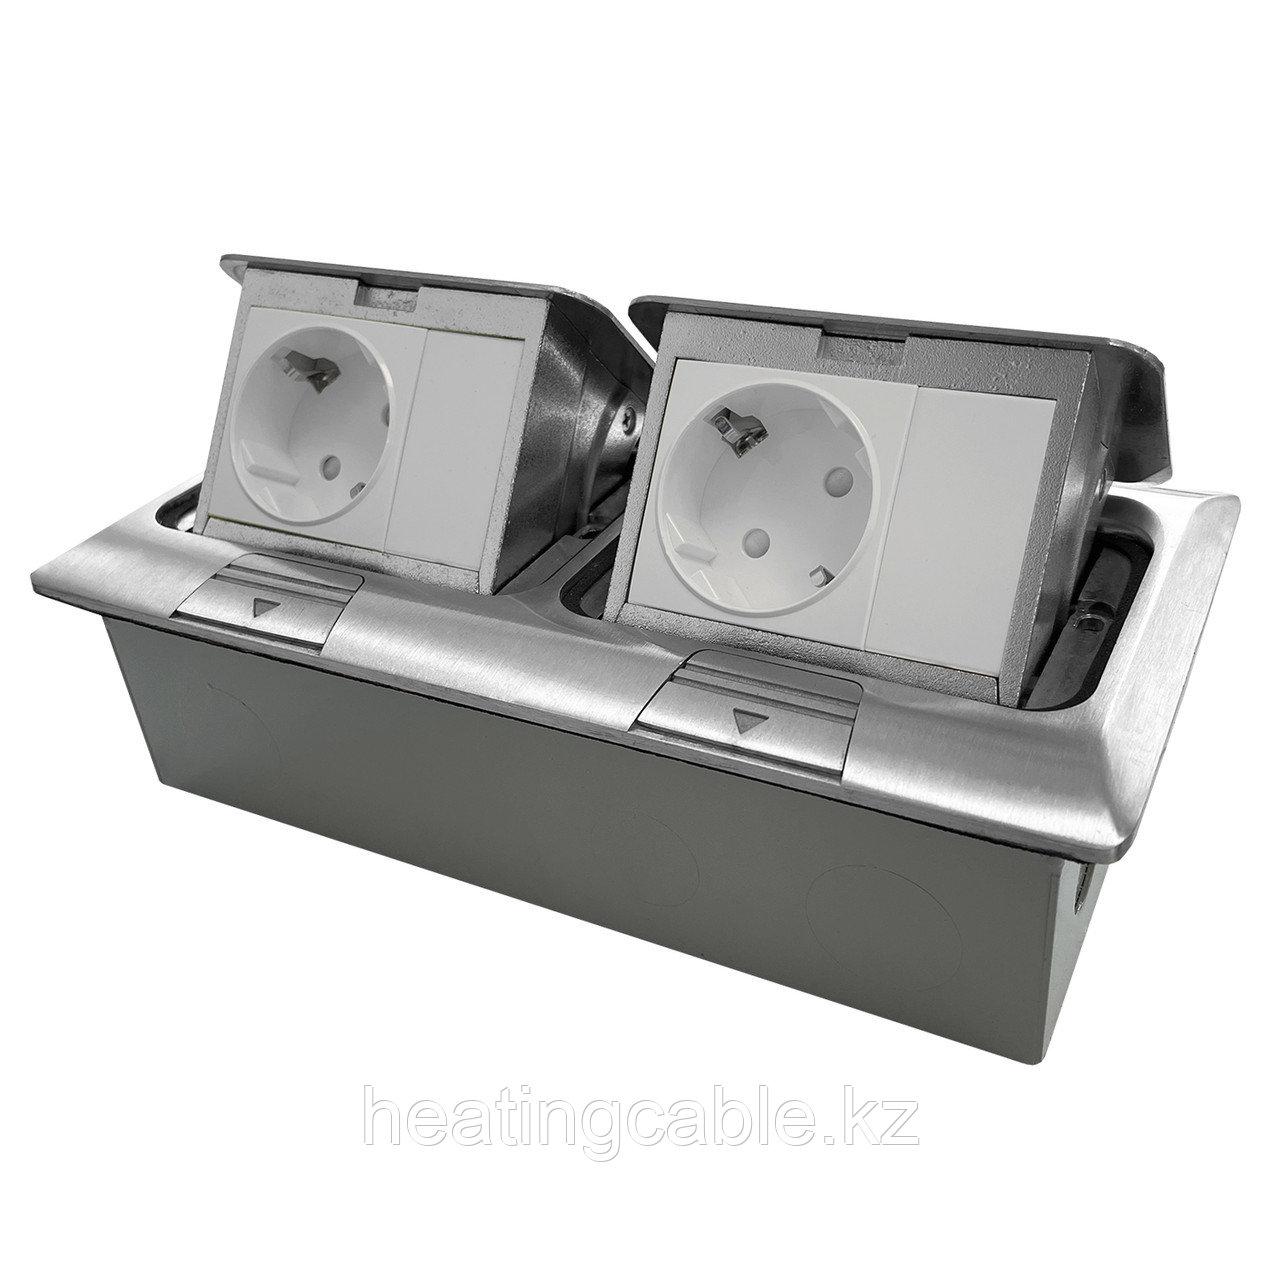 Напольный/настольный лючок на 2х3 модуля, металл, серебро